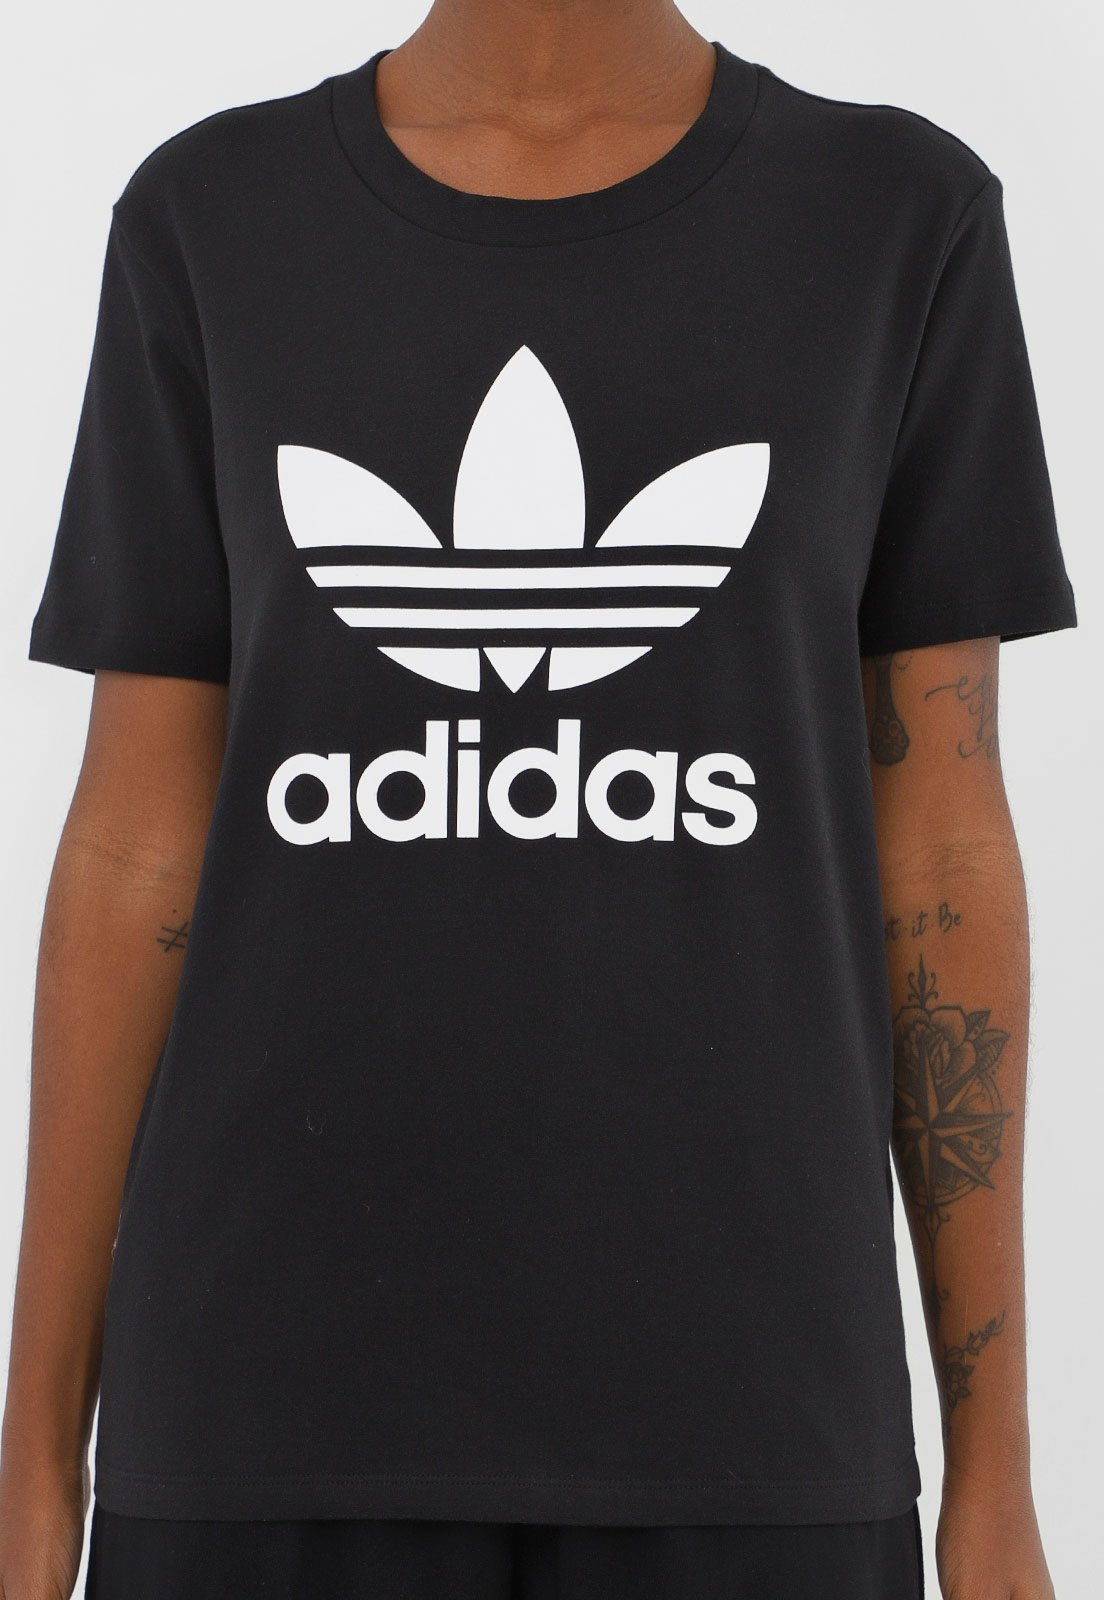 Camiseta adidas Originals Trefoil Preta - Marca adidas Originals